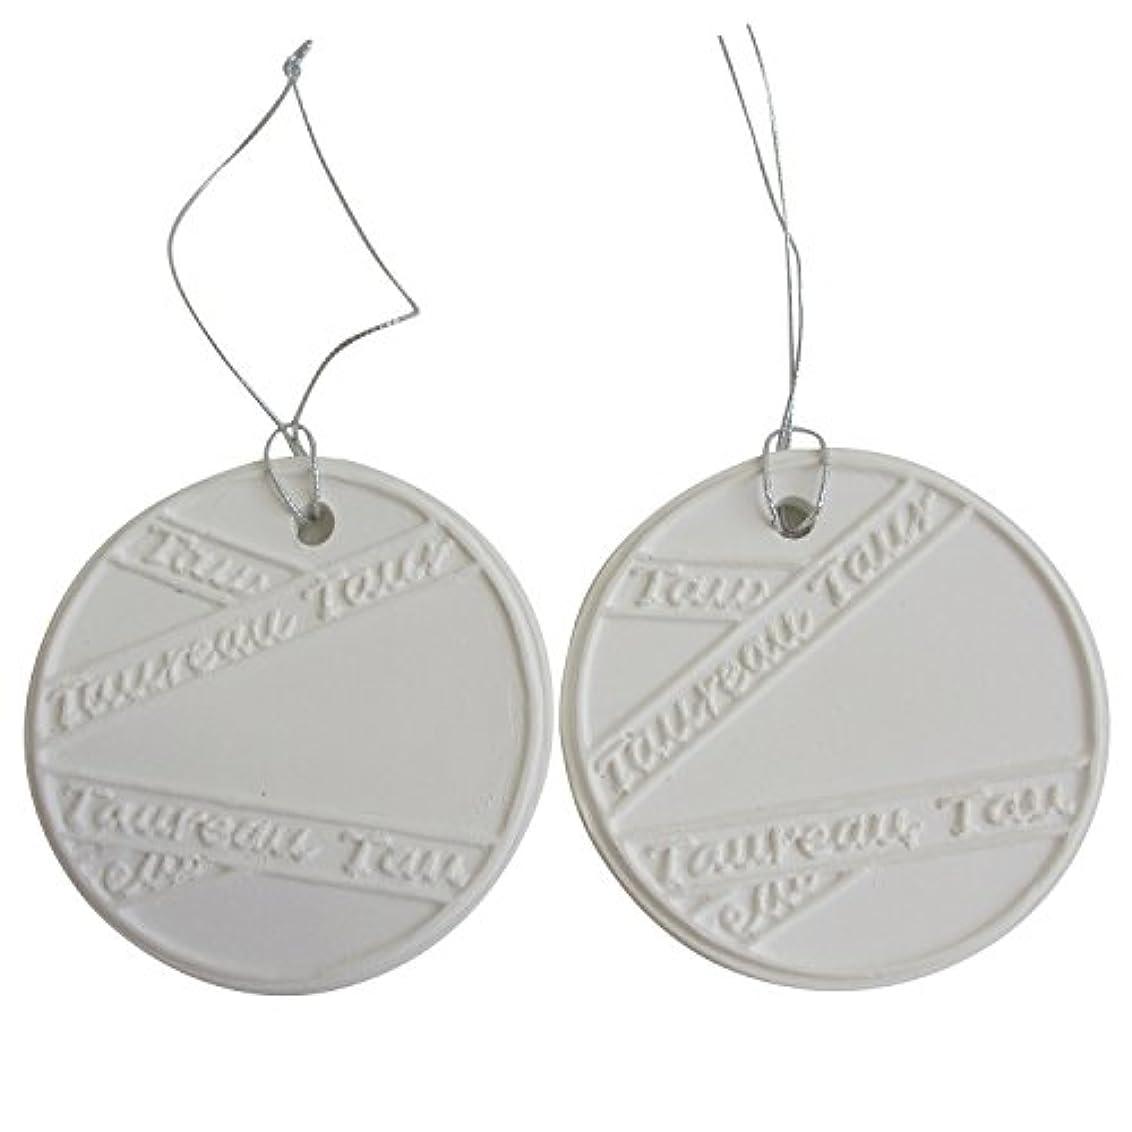 調停者フランクワースリーしてはいけないアロマストーン ホワイトコイン2セット(リボン2) アクセサリー 小物 キーホルダー アロマディフューザー ペンダント 陶器製